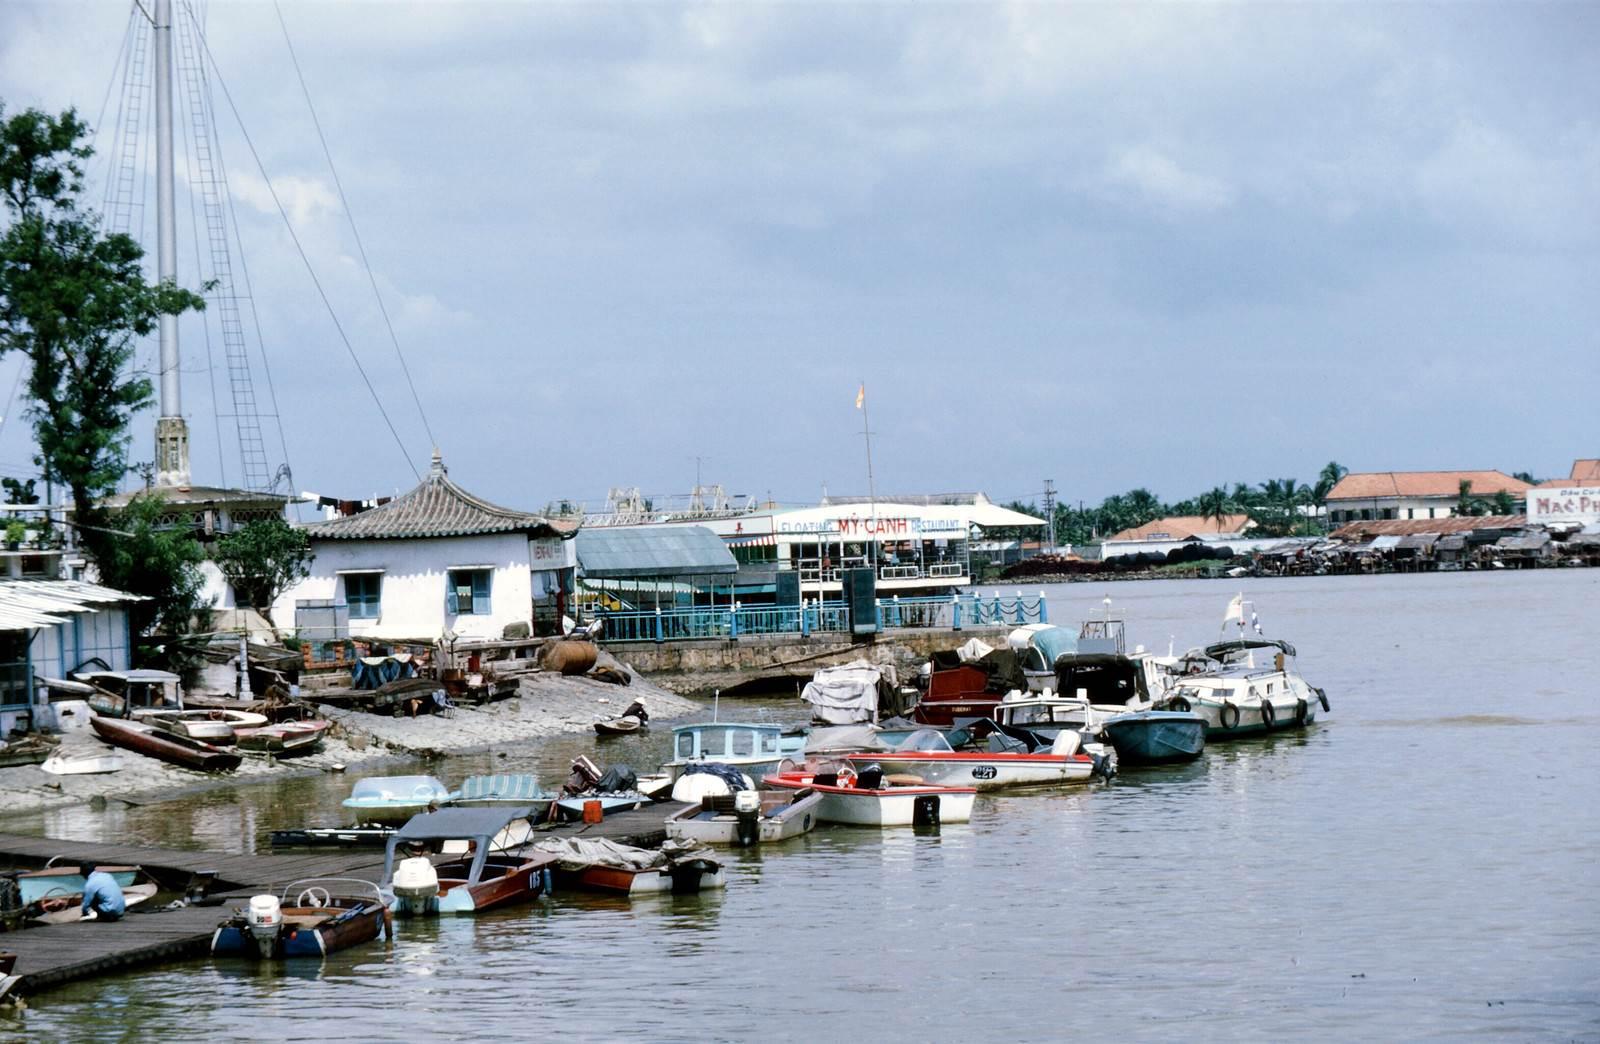 Saigon 1969 - Photo by larsdh - Cột cờ Thủ Ngữ, sông Saigon